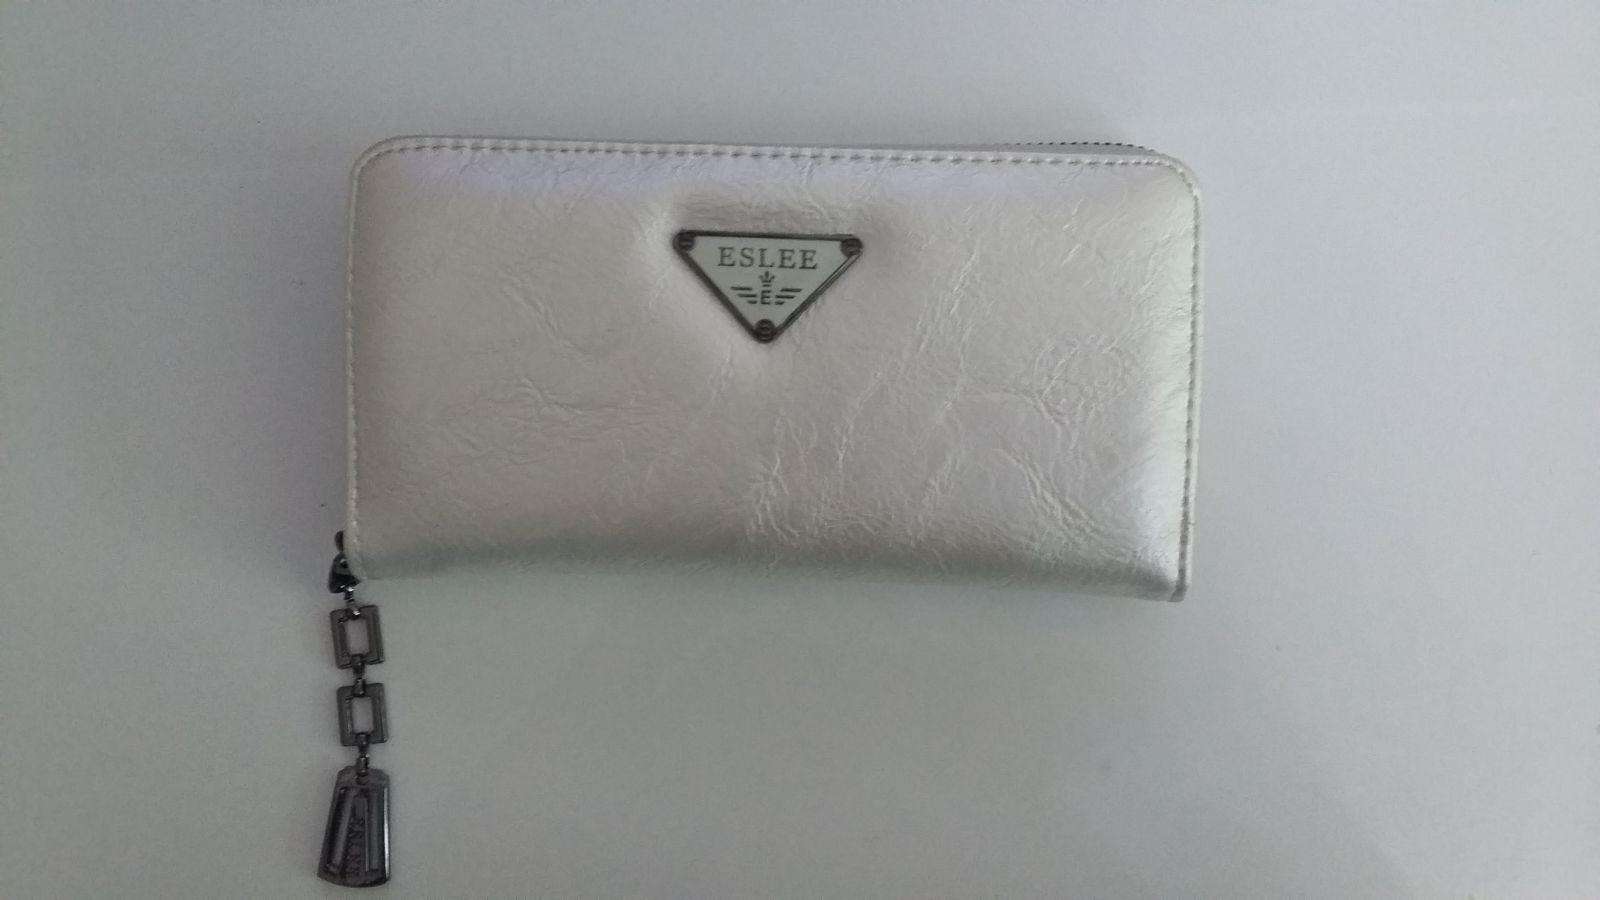 Dámská peněženka ESLEE 6213 bežová E-batoh